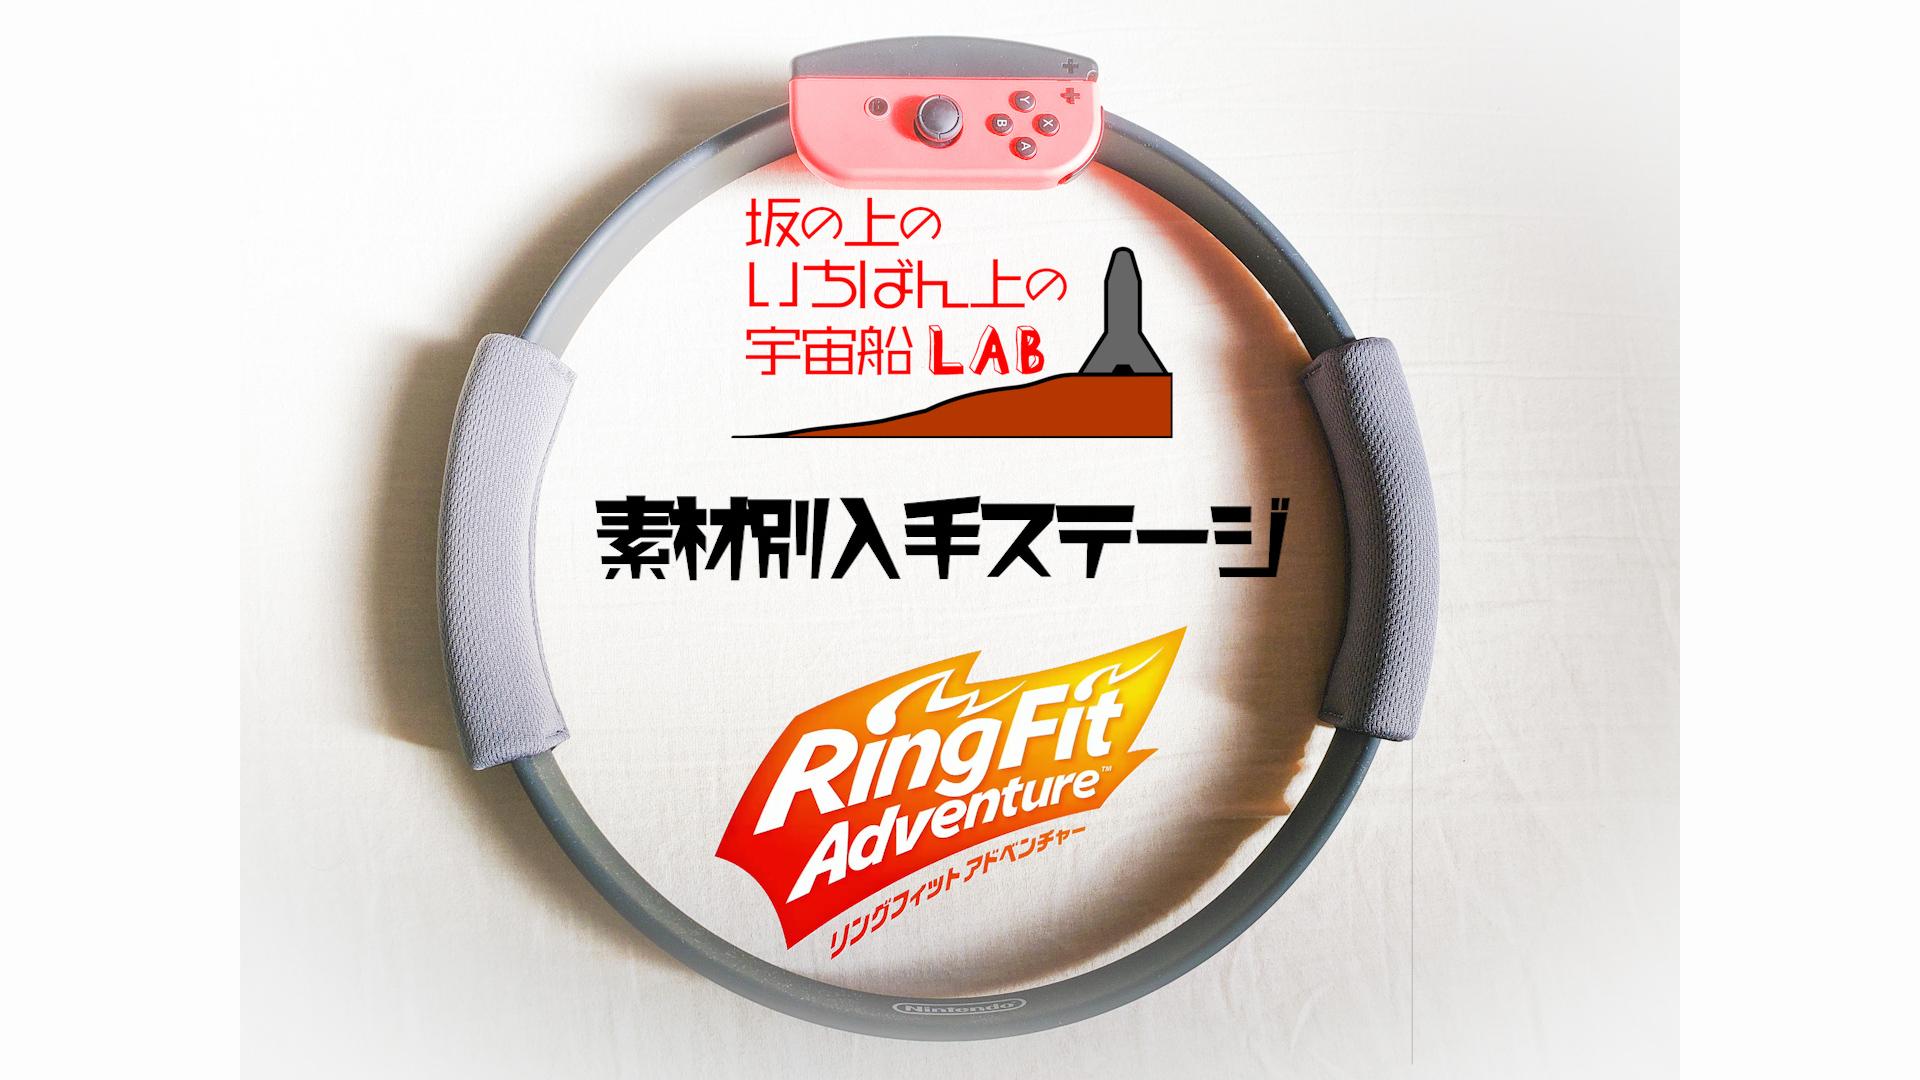 にんじん リング フィット